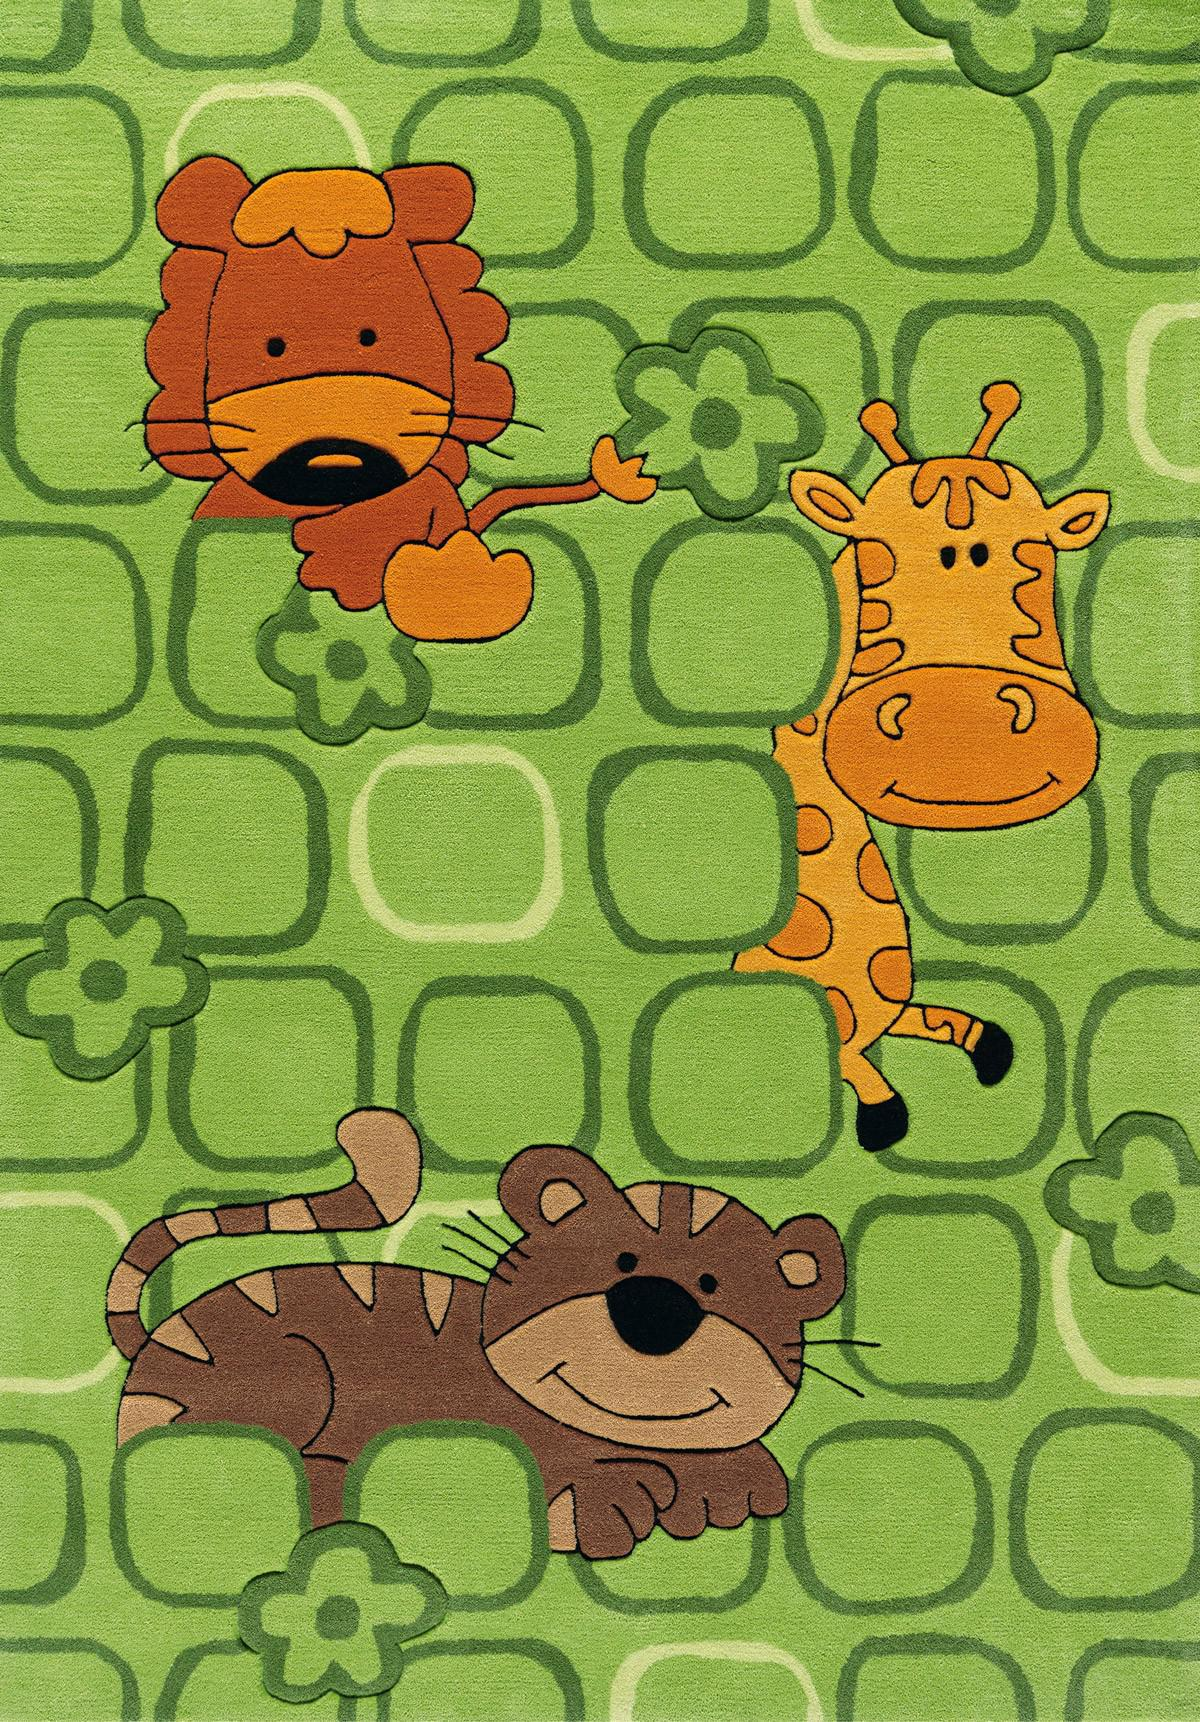 Kinderteppich grün  Arte Espina Kinderteppich Zootiere grün | kinderlampenland.de